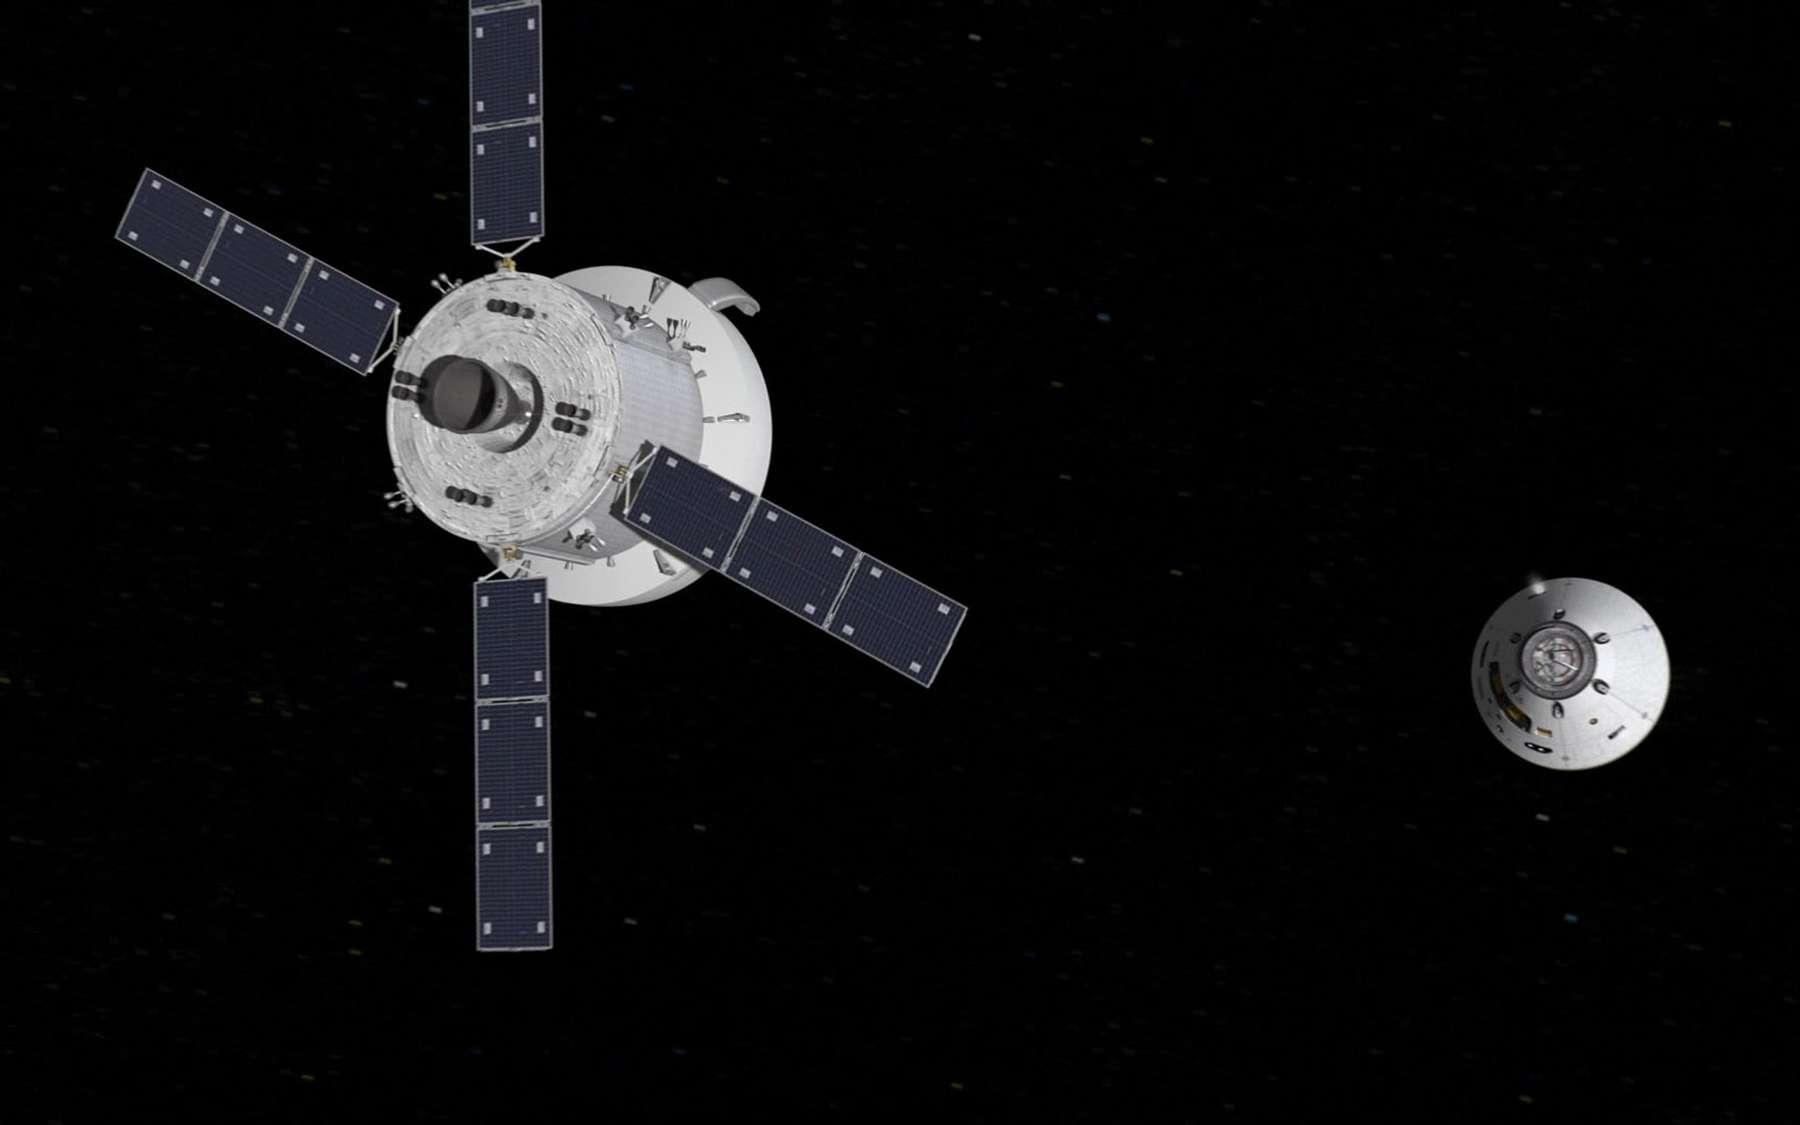 Le module de service d'Orion s'inspirera de celui de l'ATV (SSA, Spacecraft Sub-Assembly) dont Airbus DS avait la charge. © Nasa